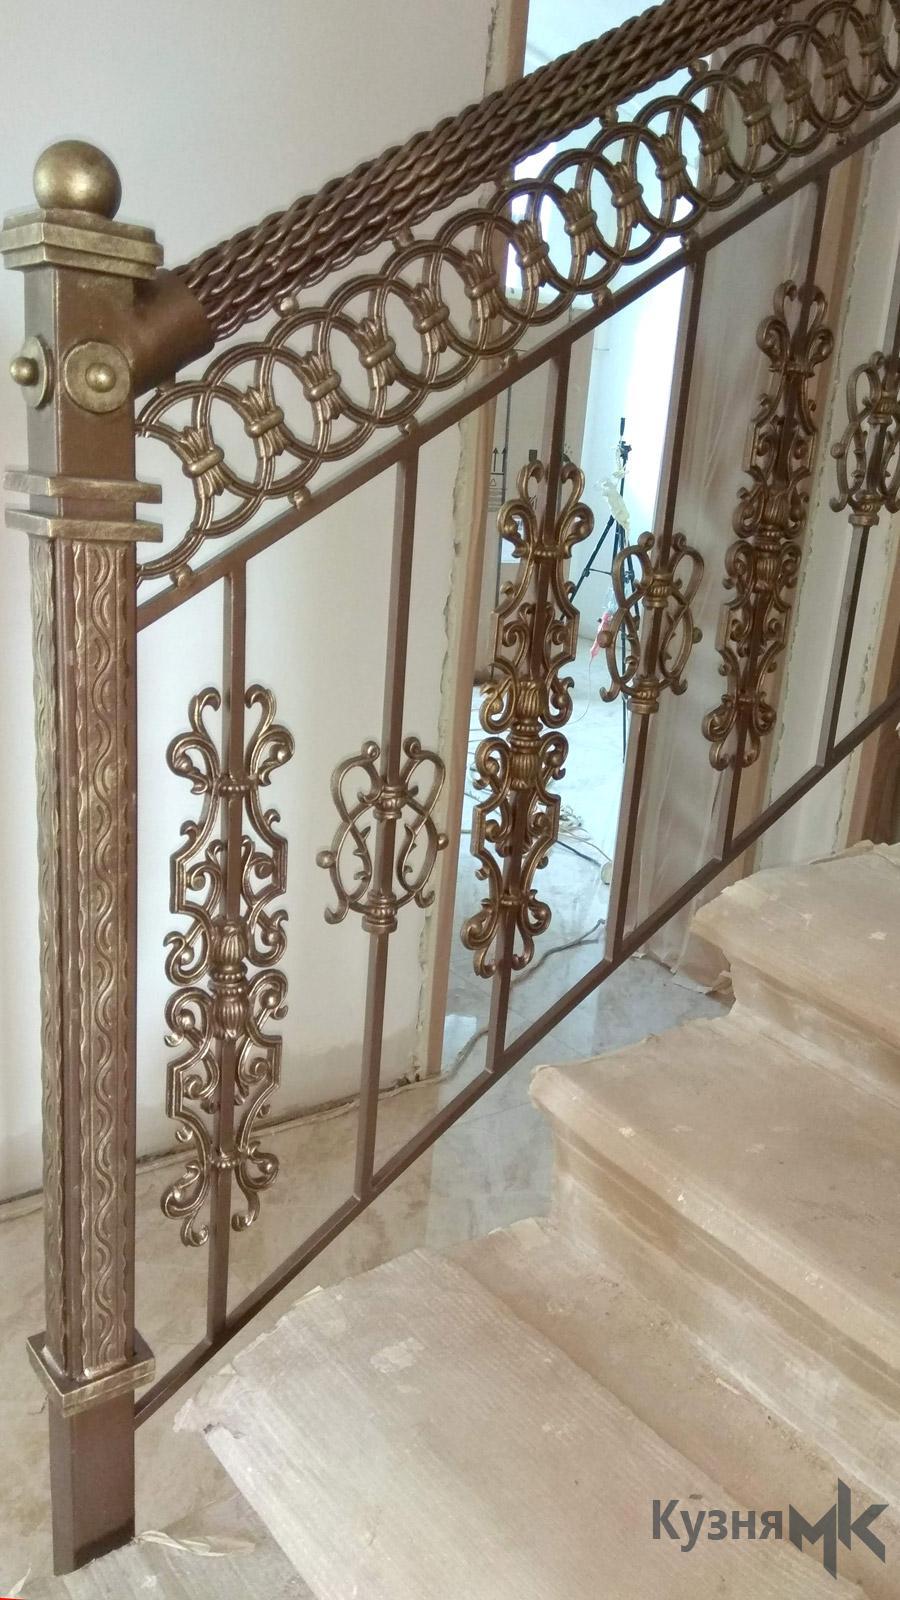 Ковані перила на сходи